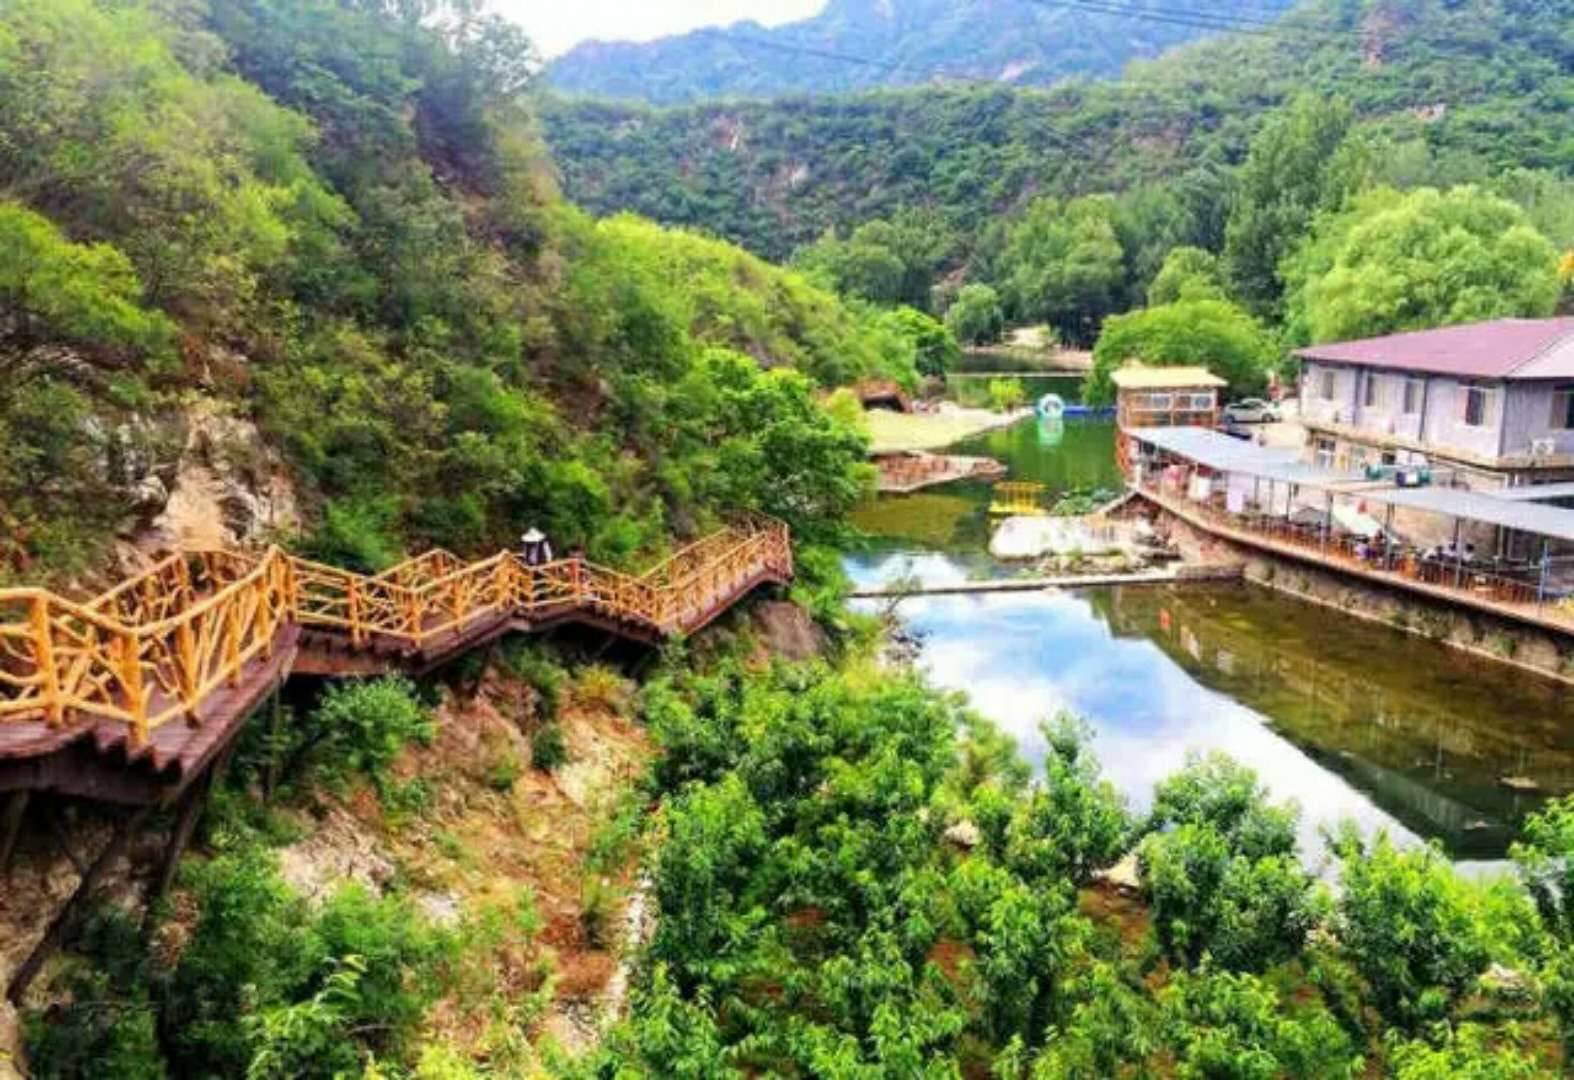 神堂峪自然风景区山峰险峻,怪石天成.